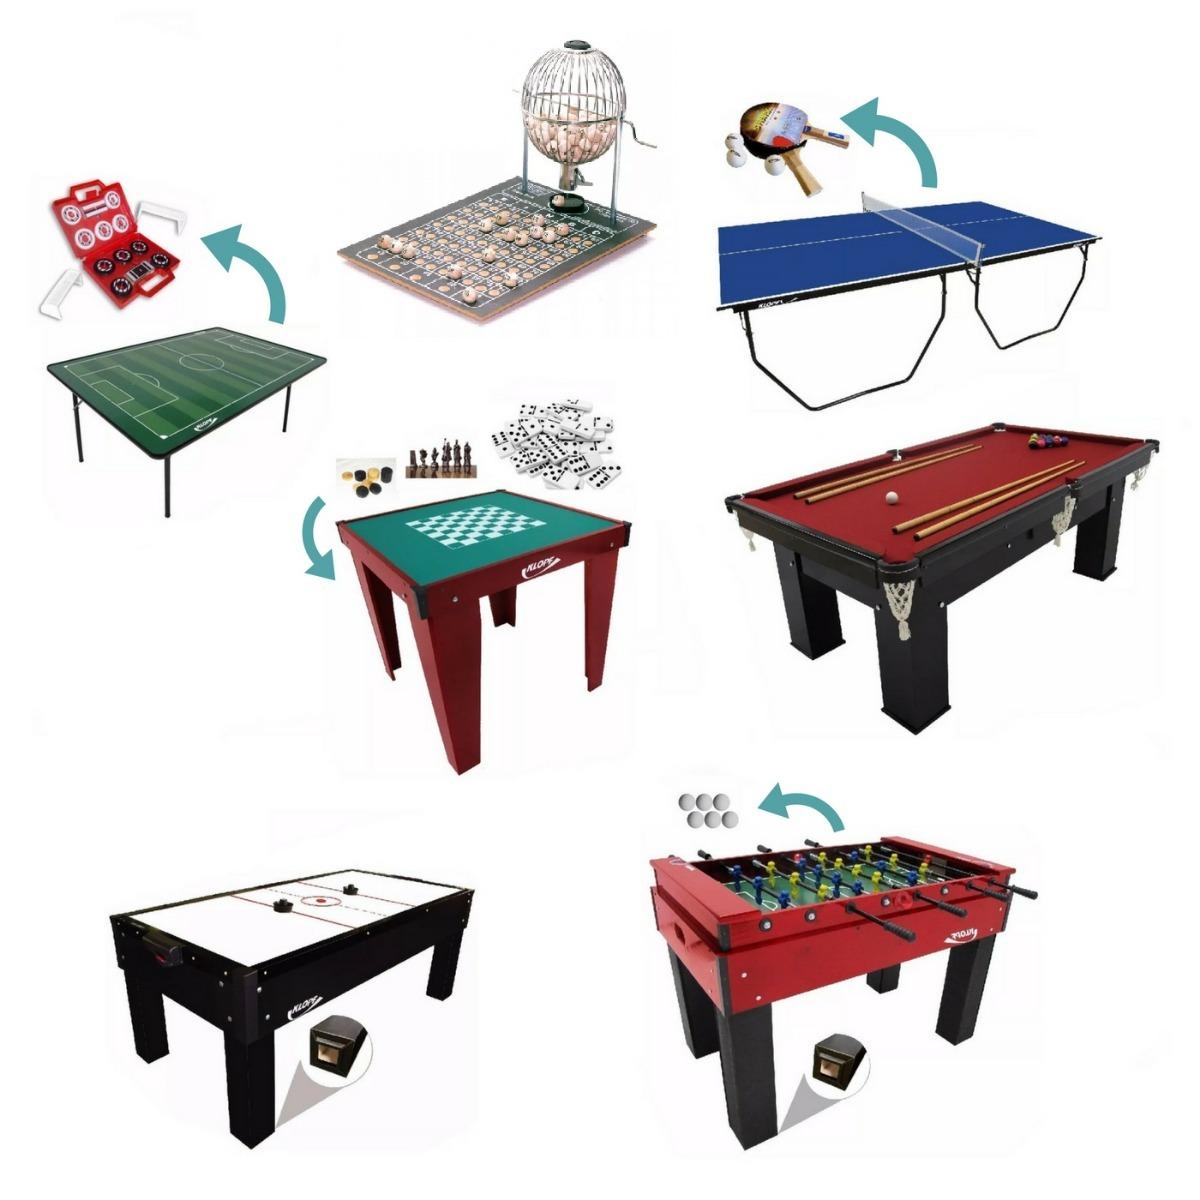 super kit especial de mesas para salão de jogos - klopf. Carregando zoom. cd8c50cda5992